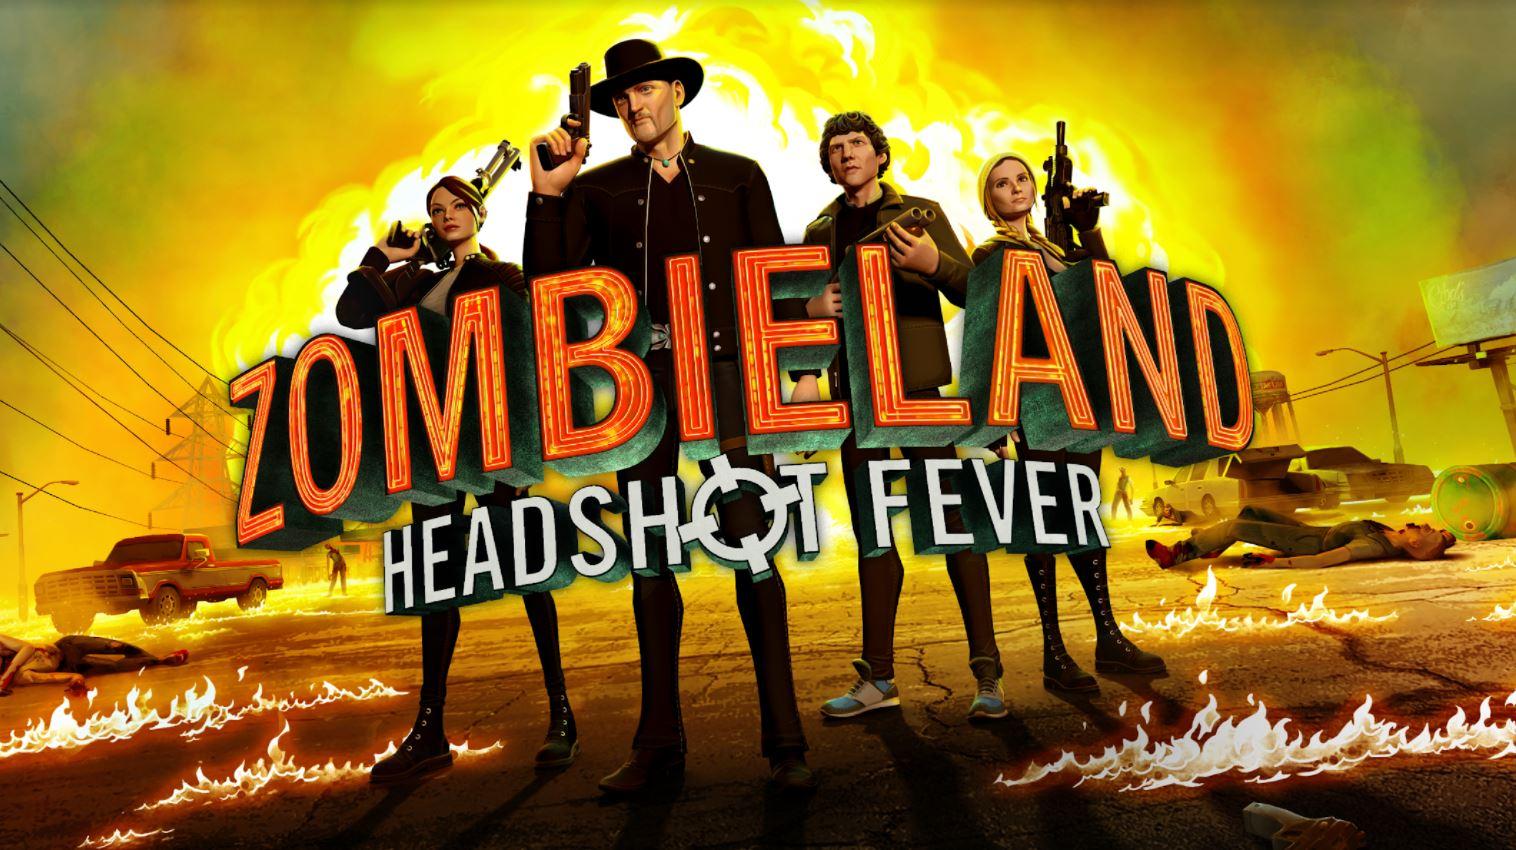 zombieland-vr-headshot-fever-ps4-psvr-news-reviews-videos